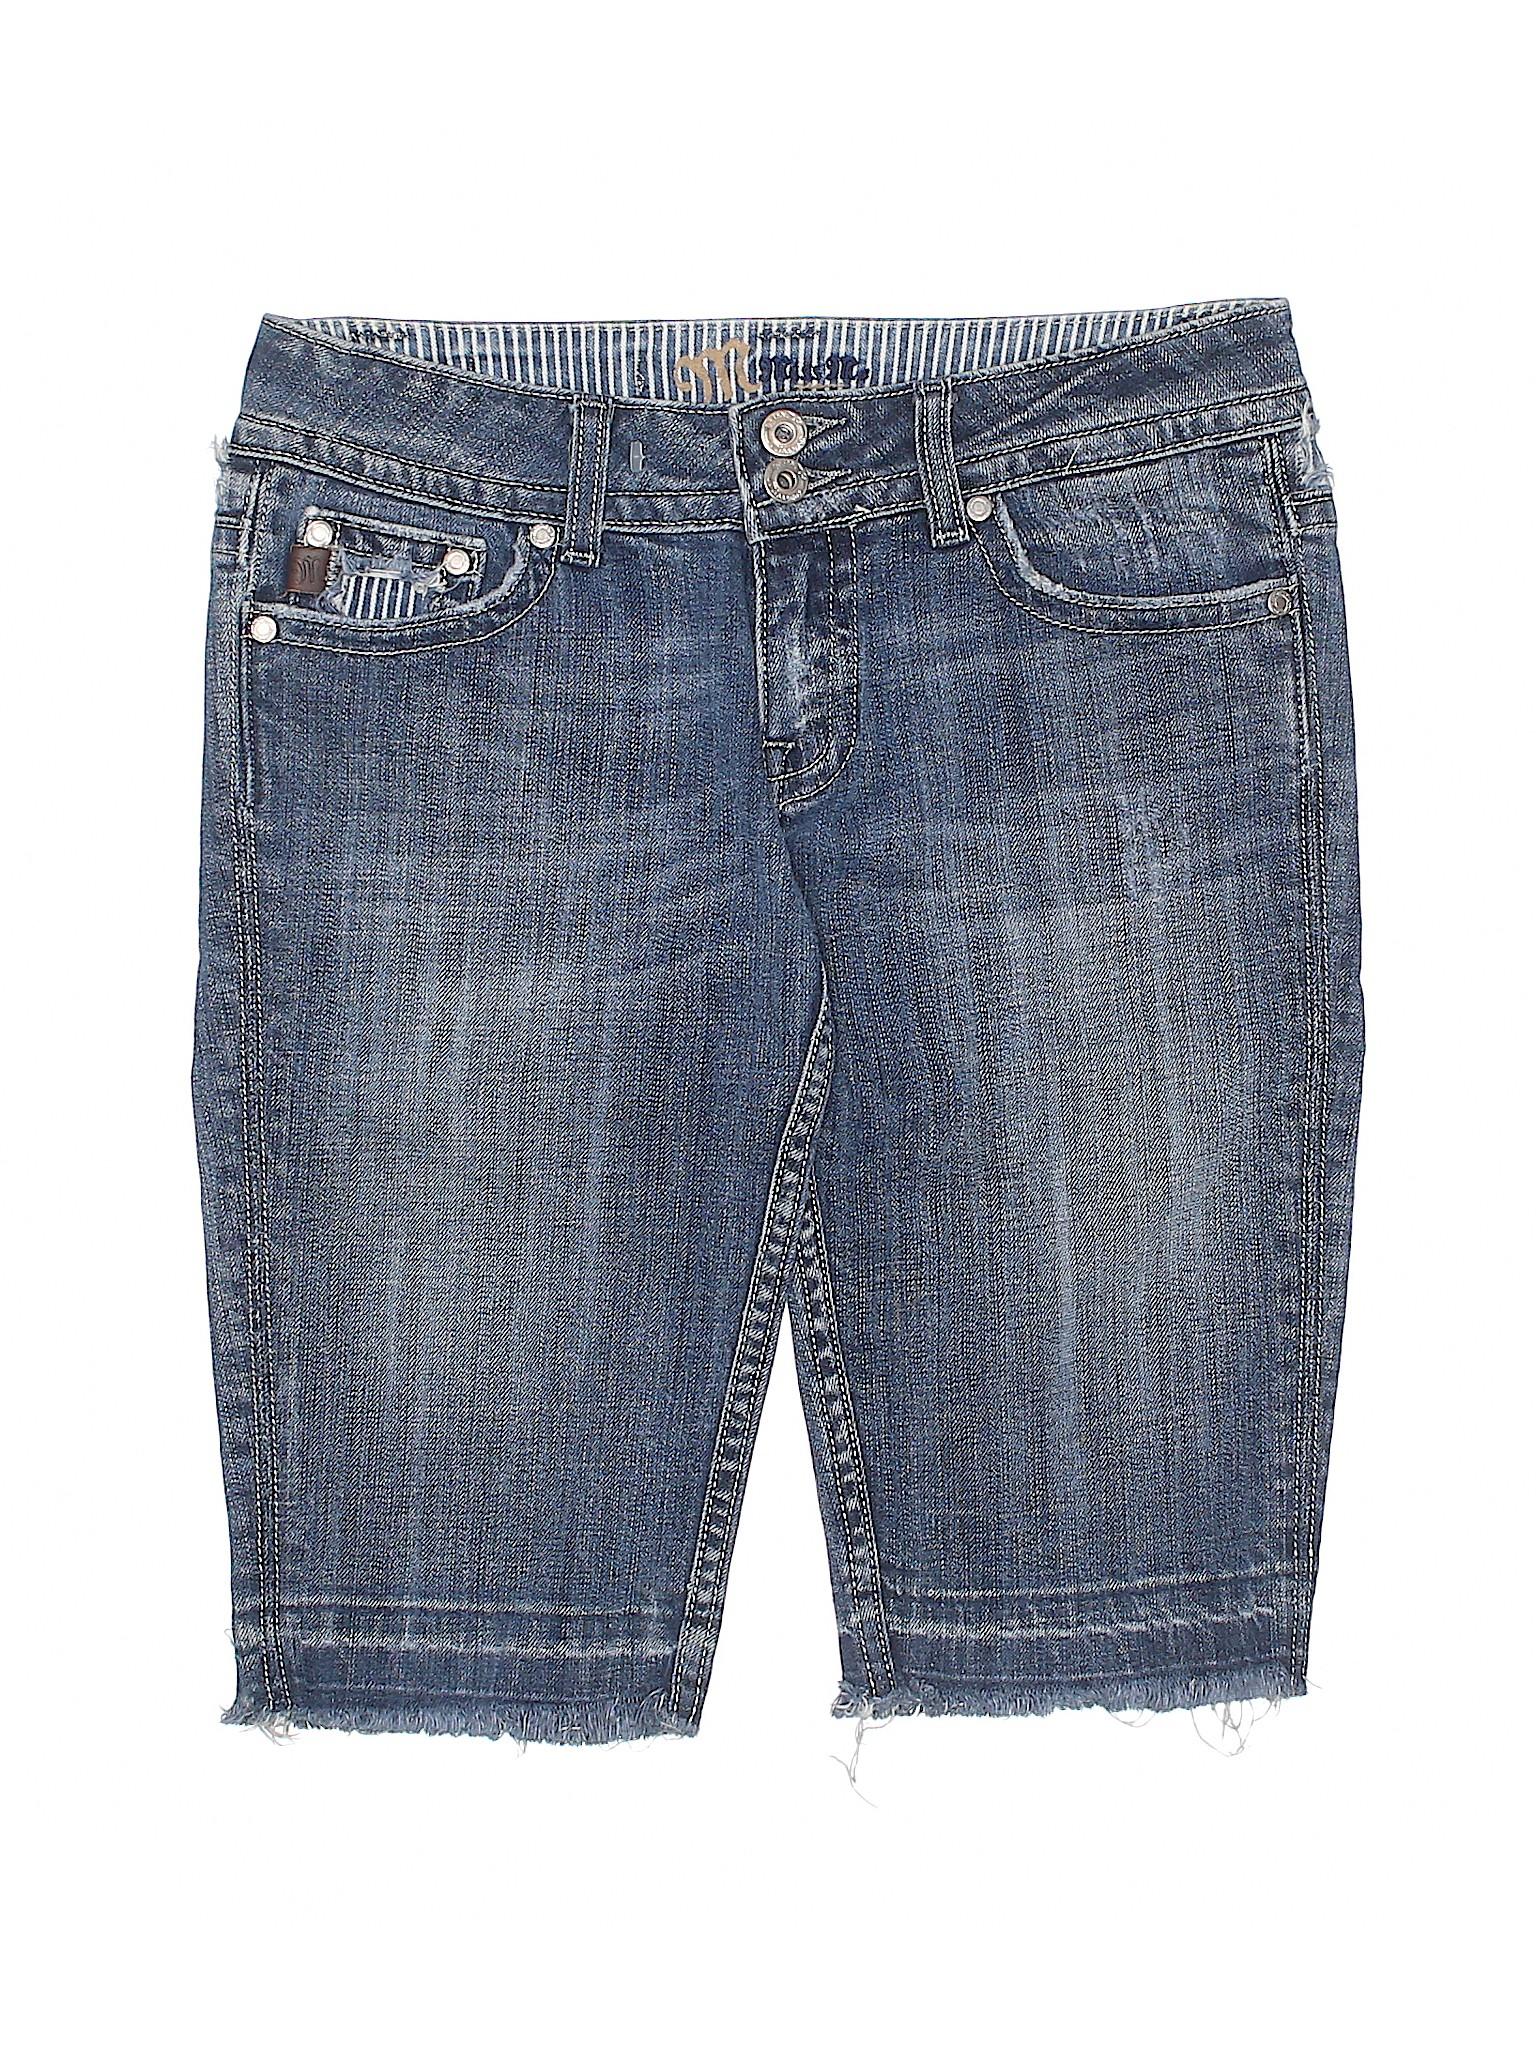 Boutique Miss Me Shorts Denim Miss Denim Boutique Boutique Miss Me Shorts taw5Fqx5